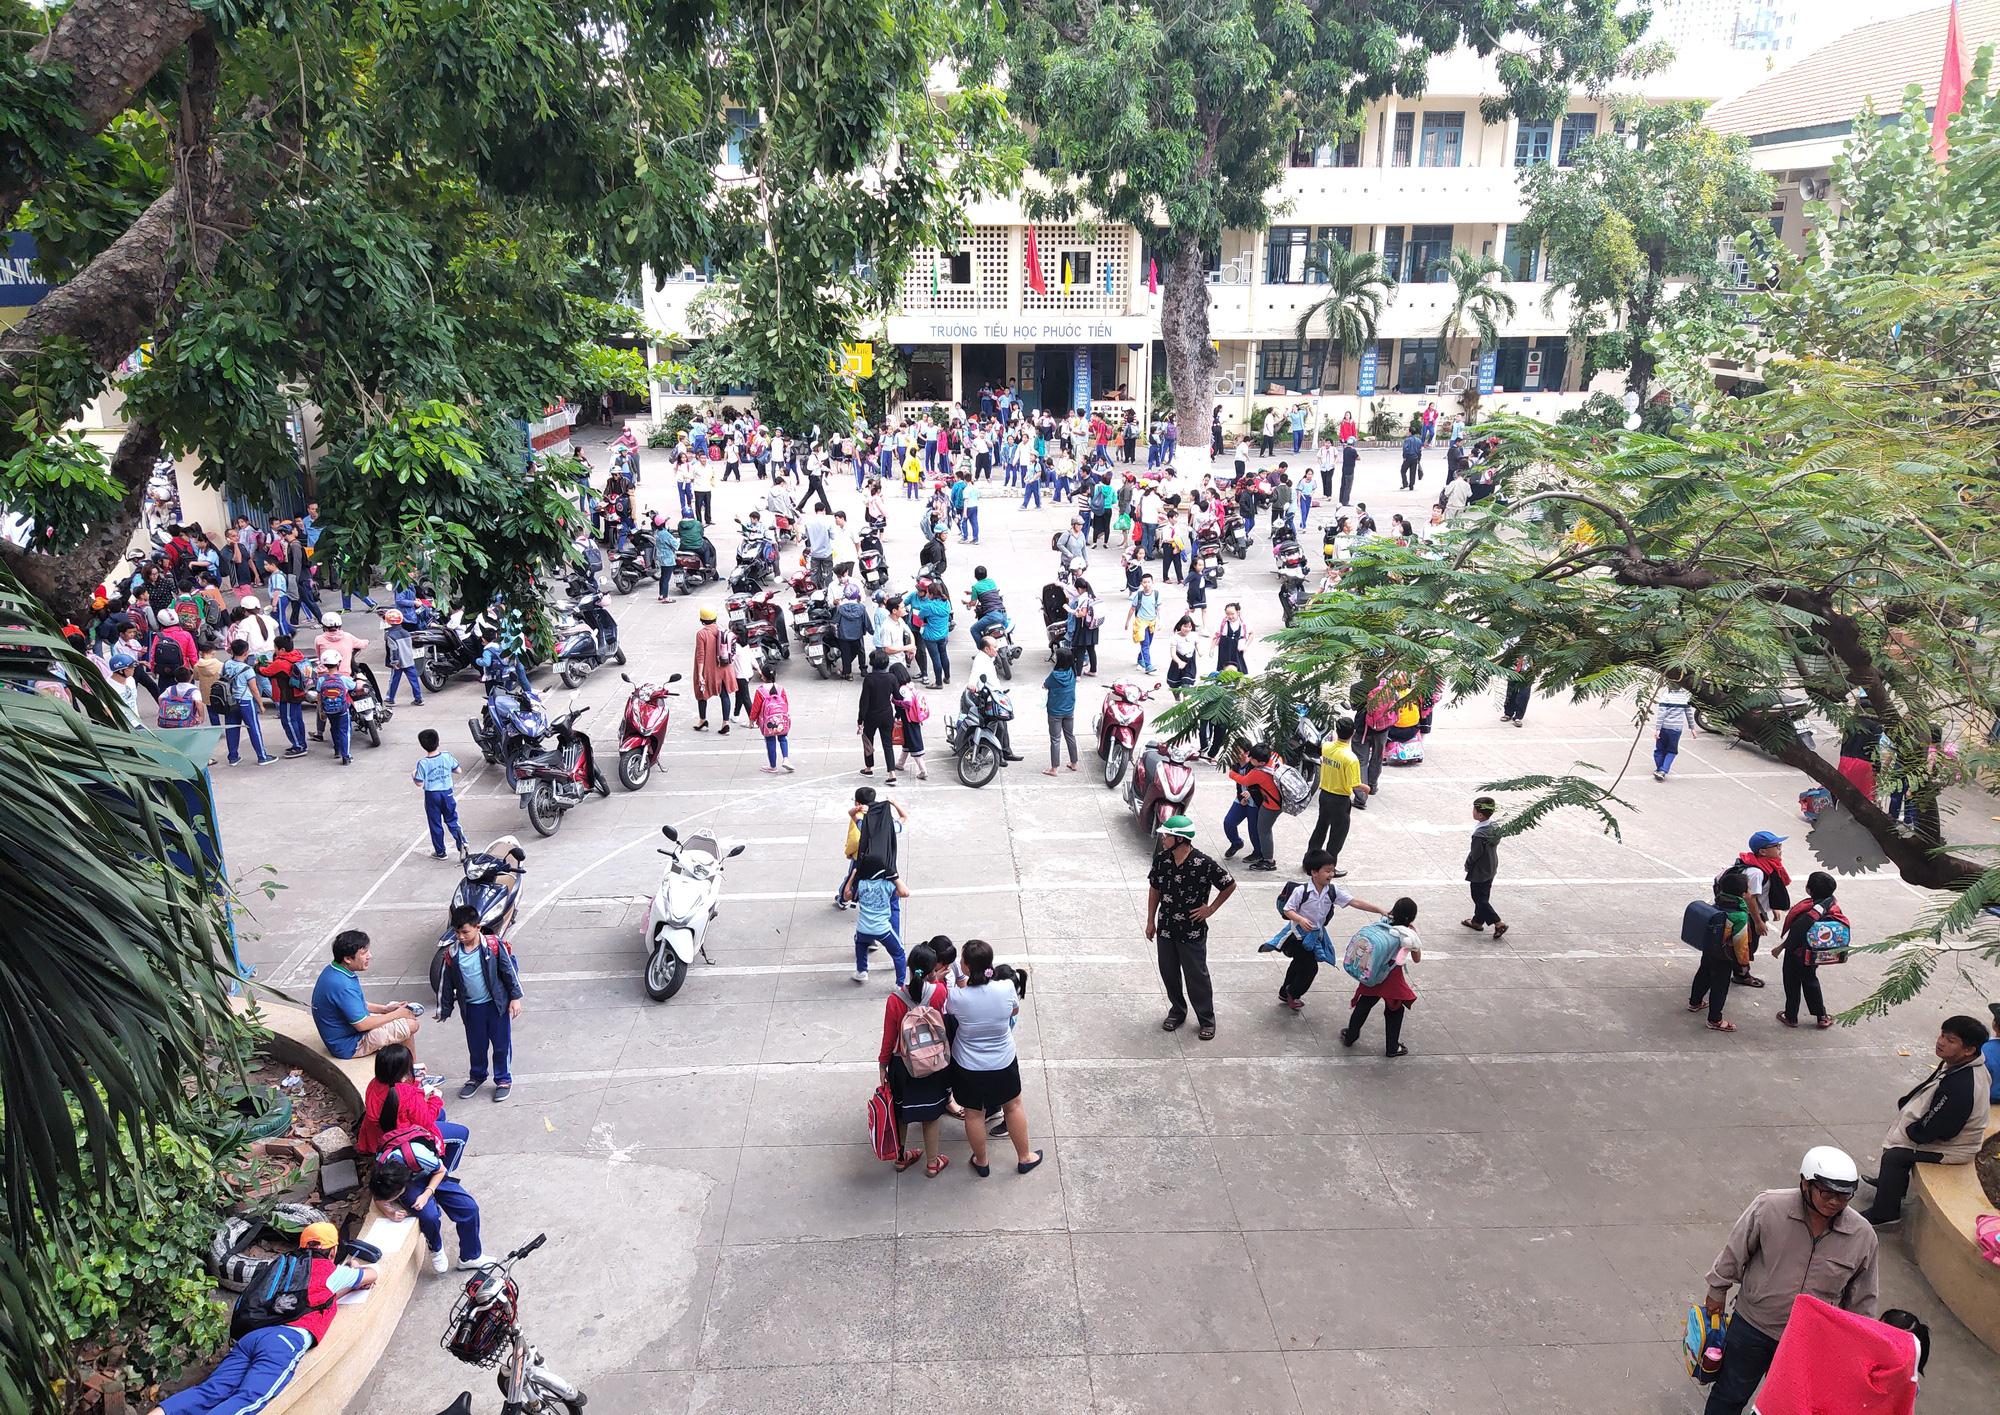 Tỉnh đầu tiên có ca người Việt Nam dương tính với Covid-19 cho học sinh đi học trở lại từ ngày 17/2 - Ảnh 1.